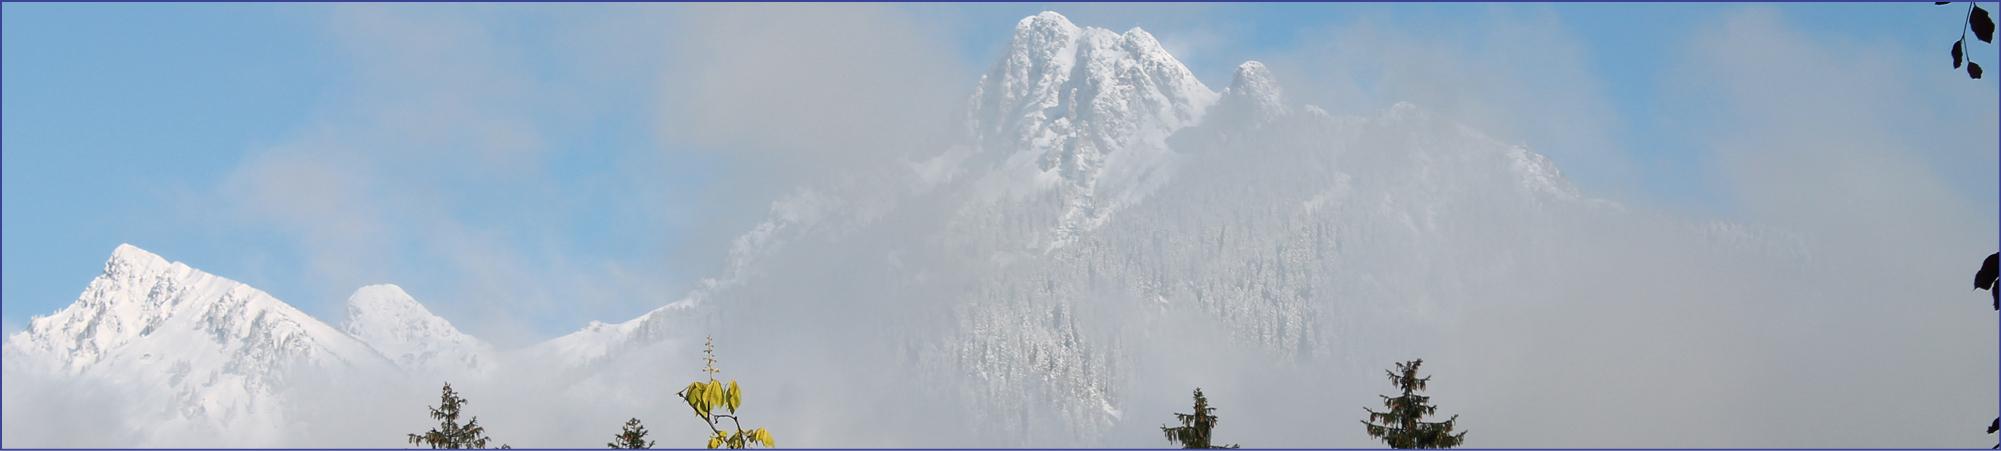 Kontakt zu Freunde Anna Dengel - ein Symbolbild mit schneebedecktem Bergpanorama aus der Heimat Anna Dengels